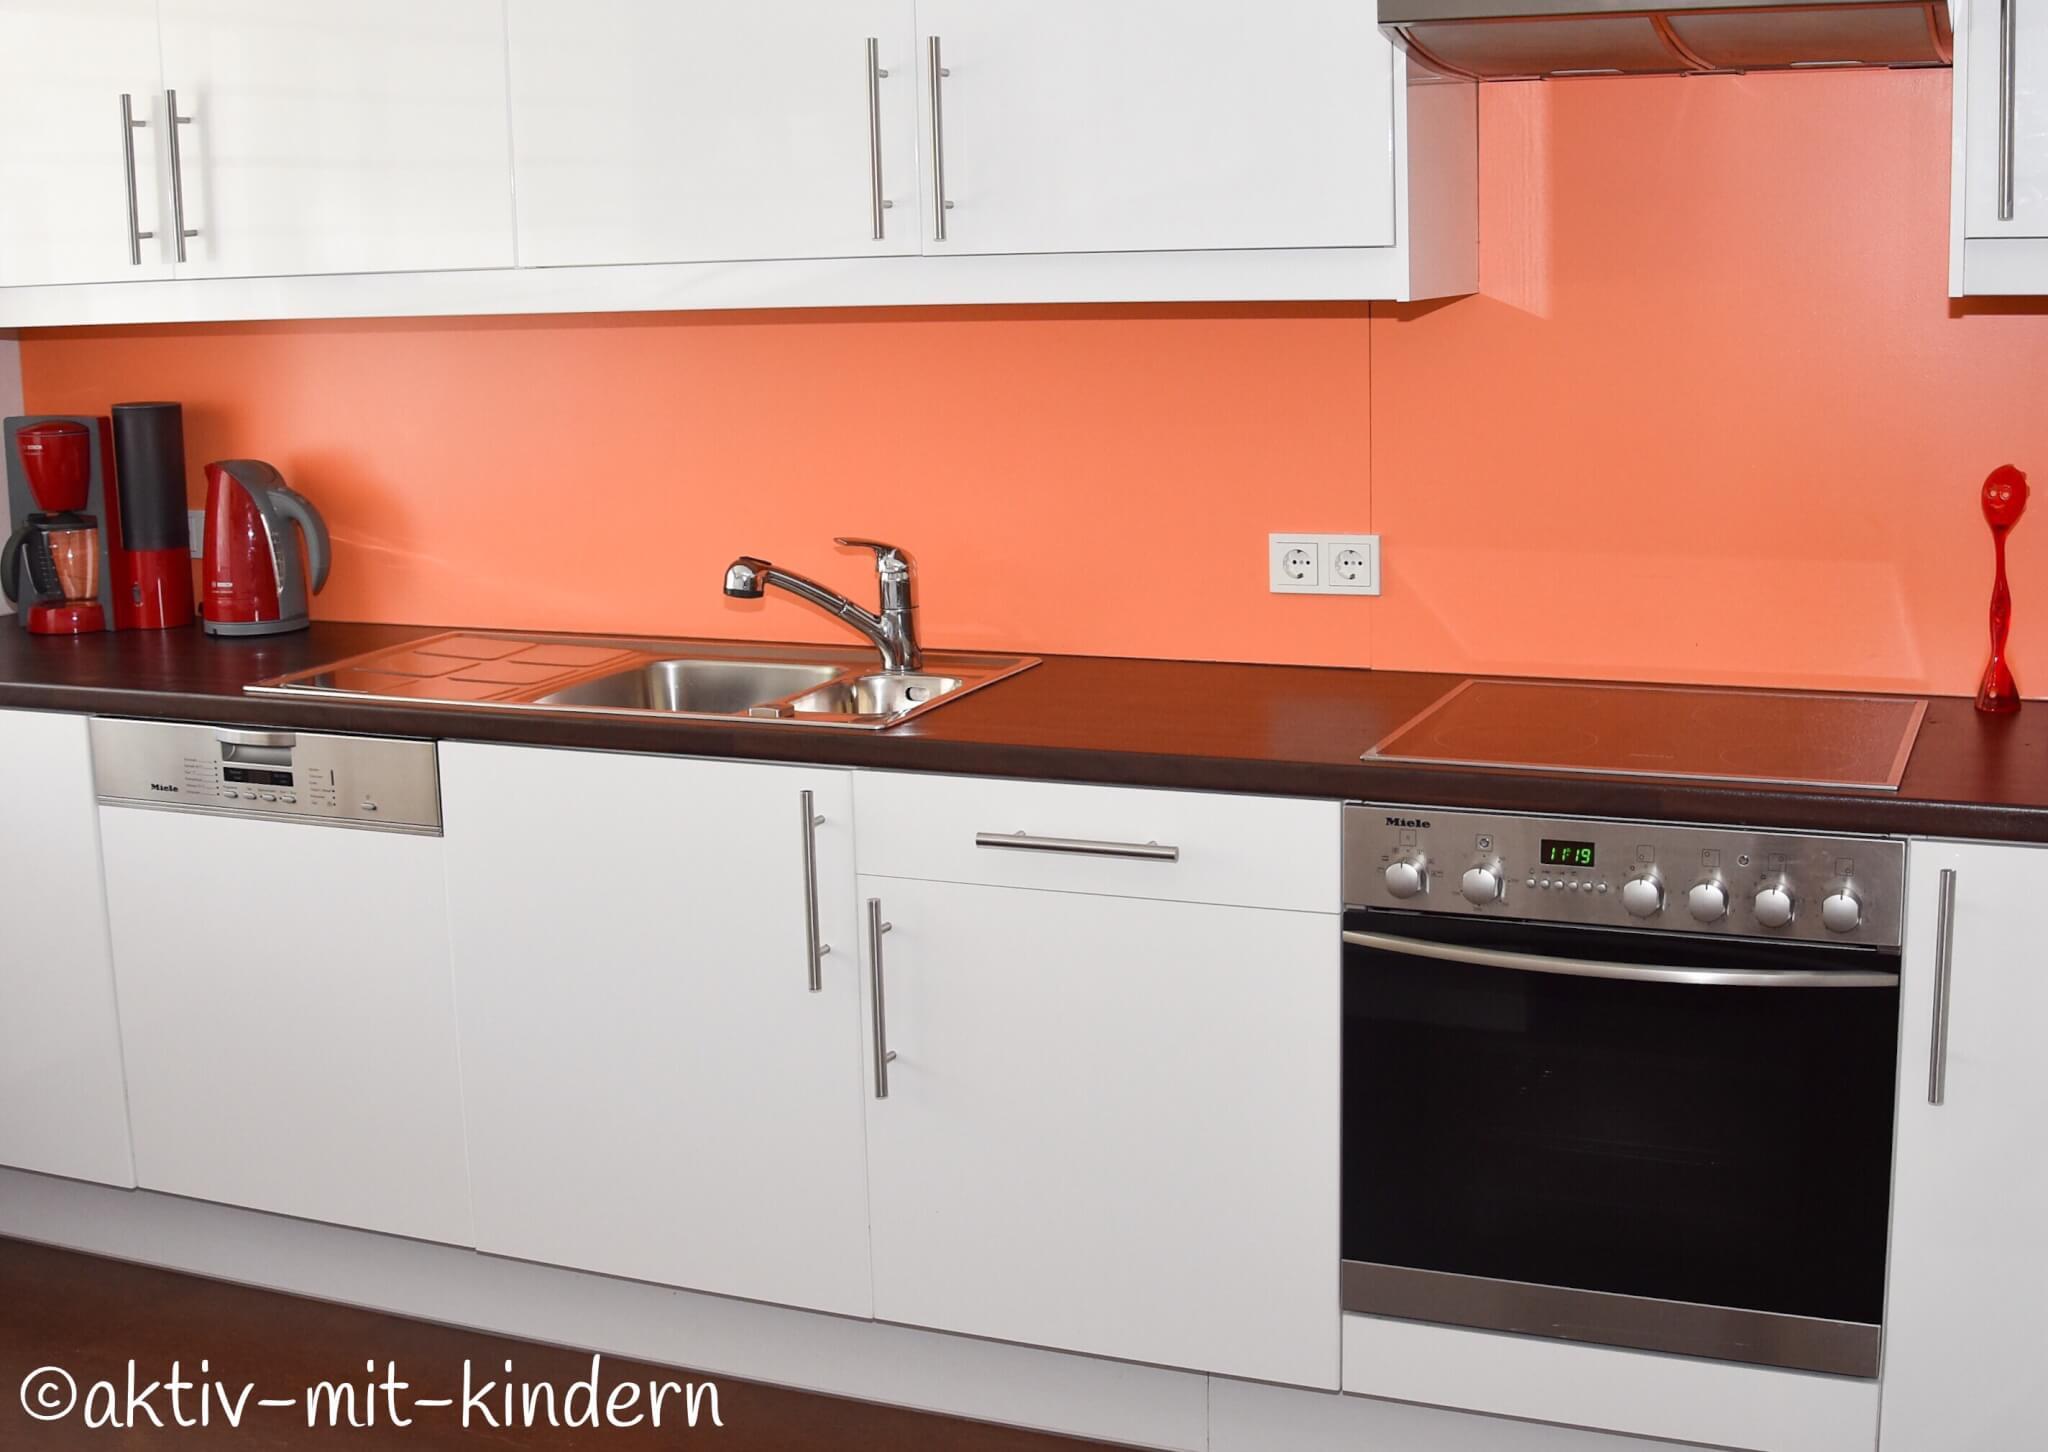 Erfreut Siehe Durch Küche Galerie - Küchenschrank Ideen - eastbound.info